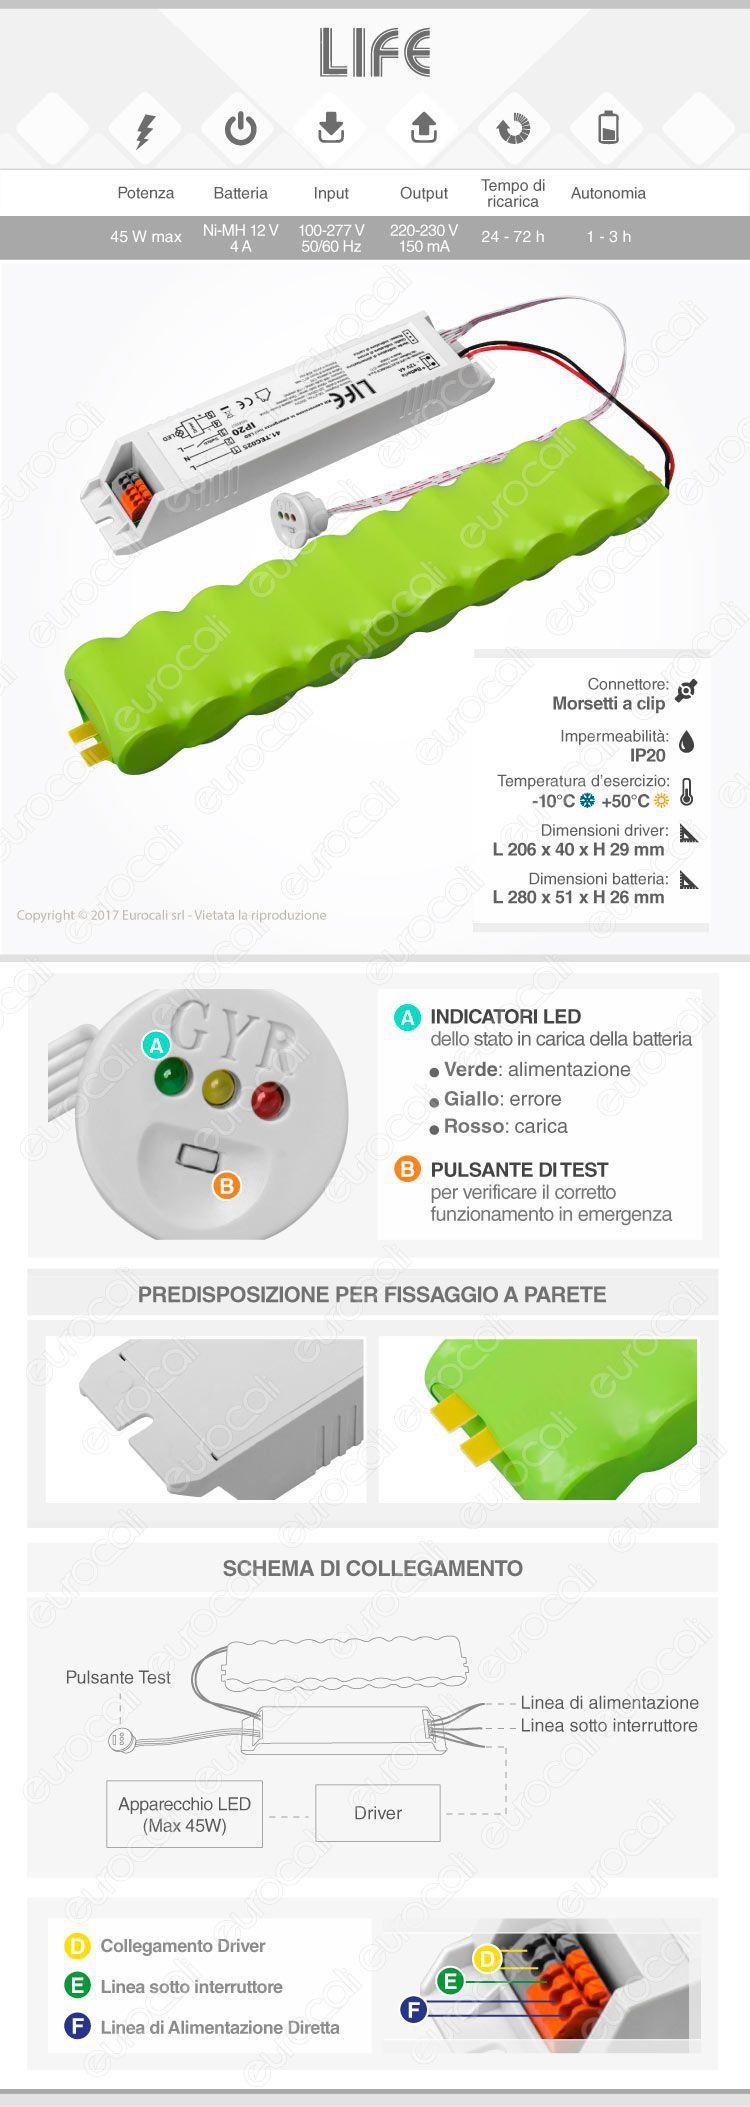 kit emergenza Life